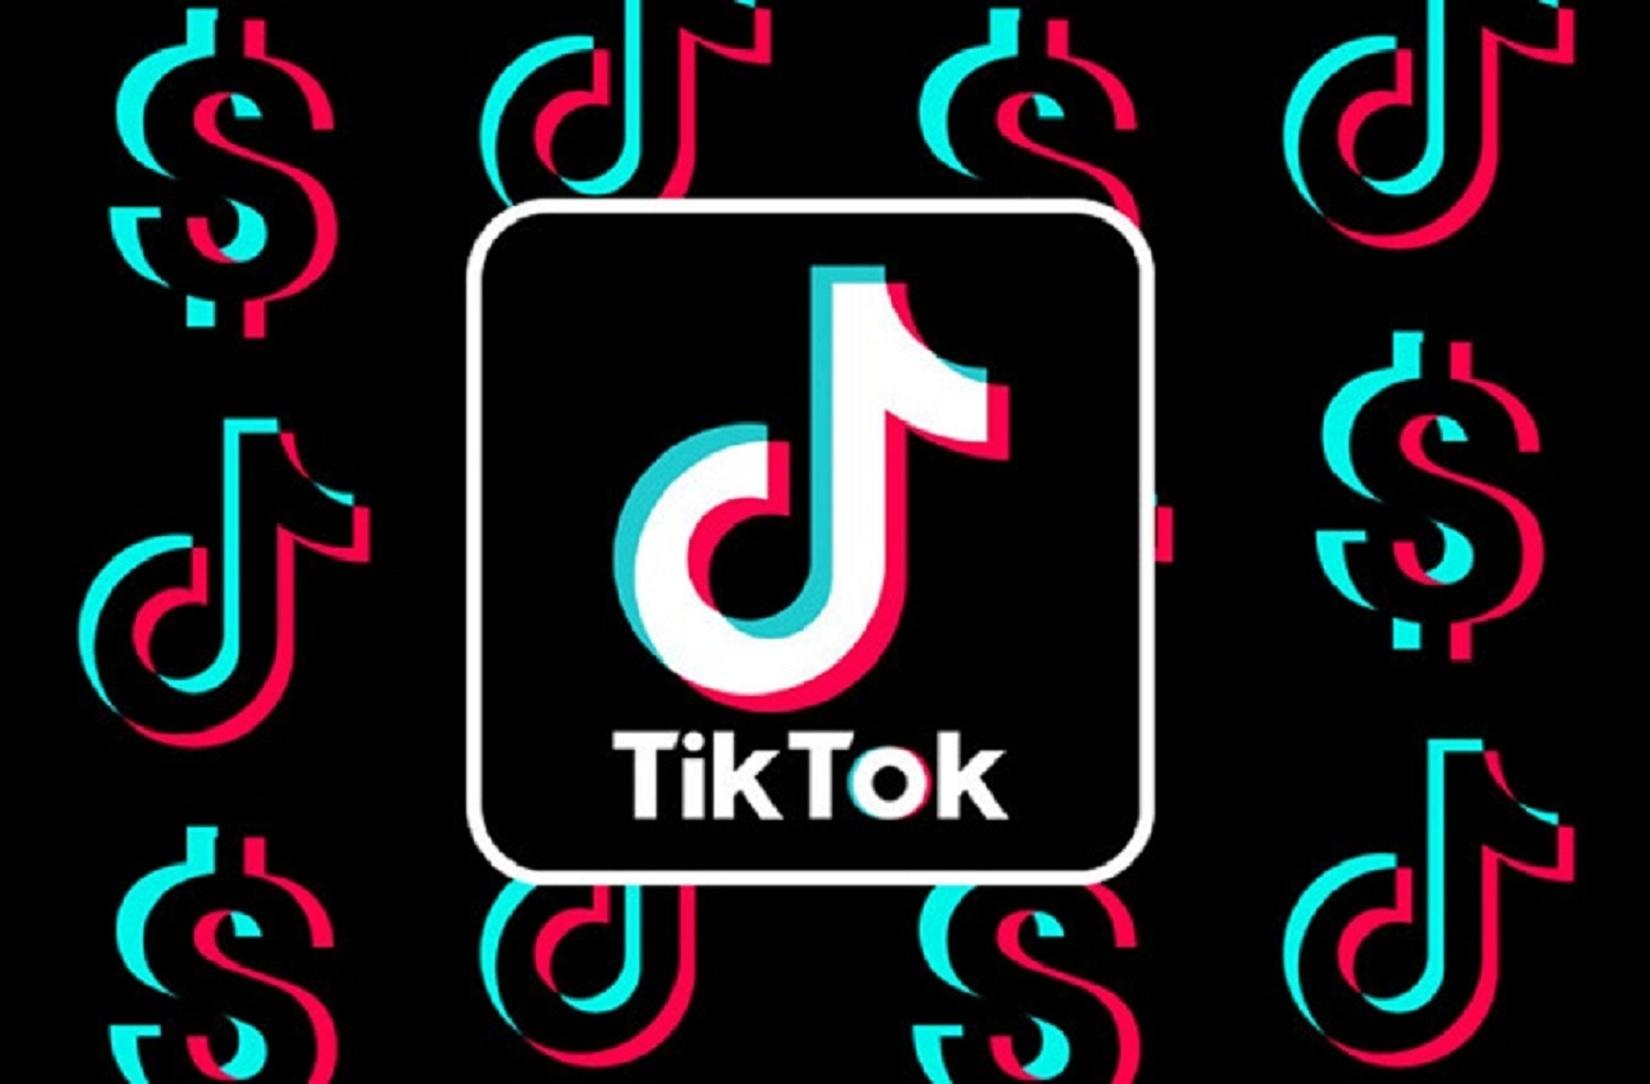 TikTok начнет собирать биометрические данные американцев